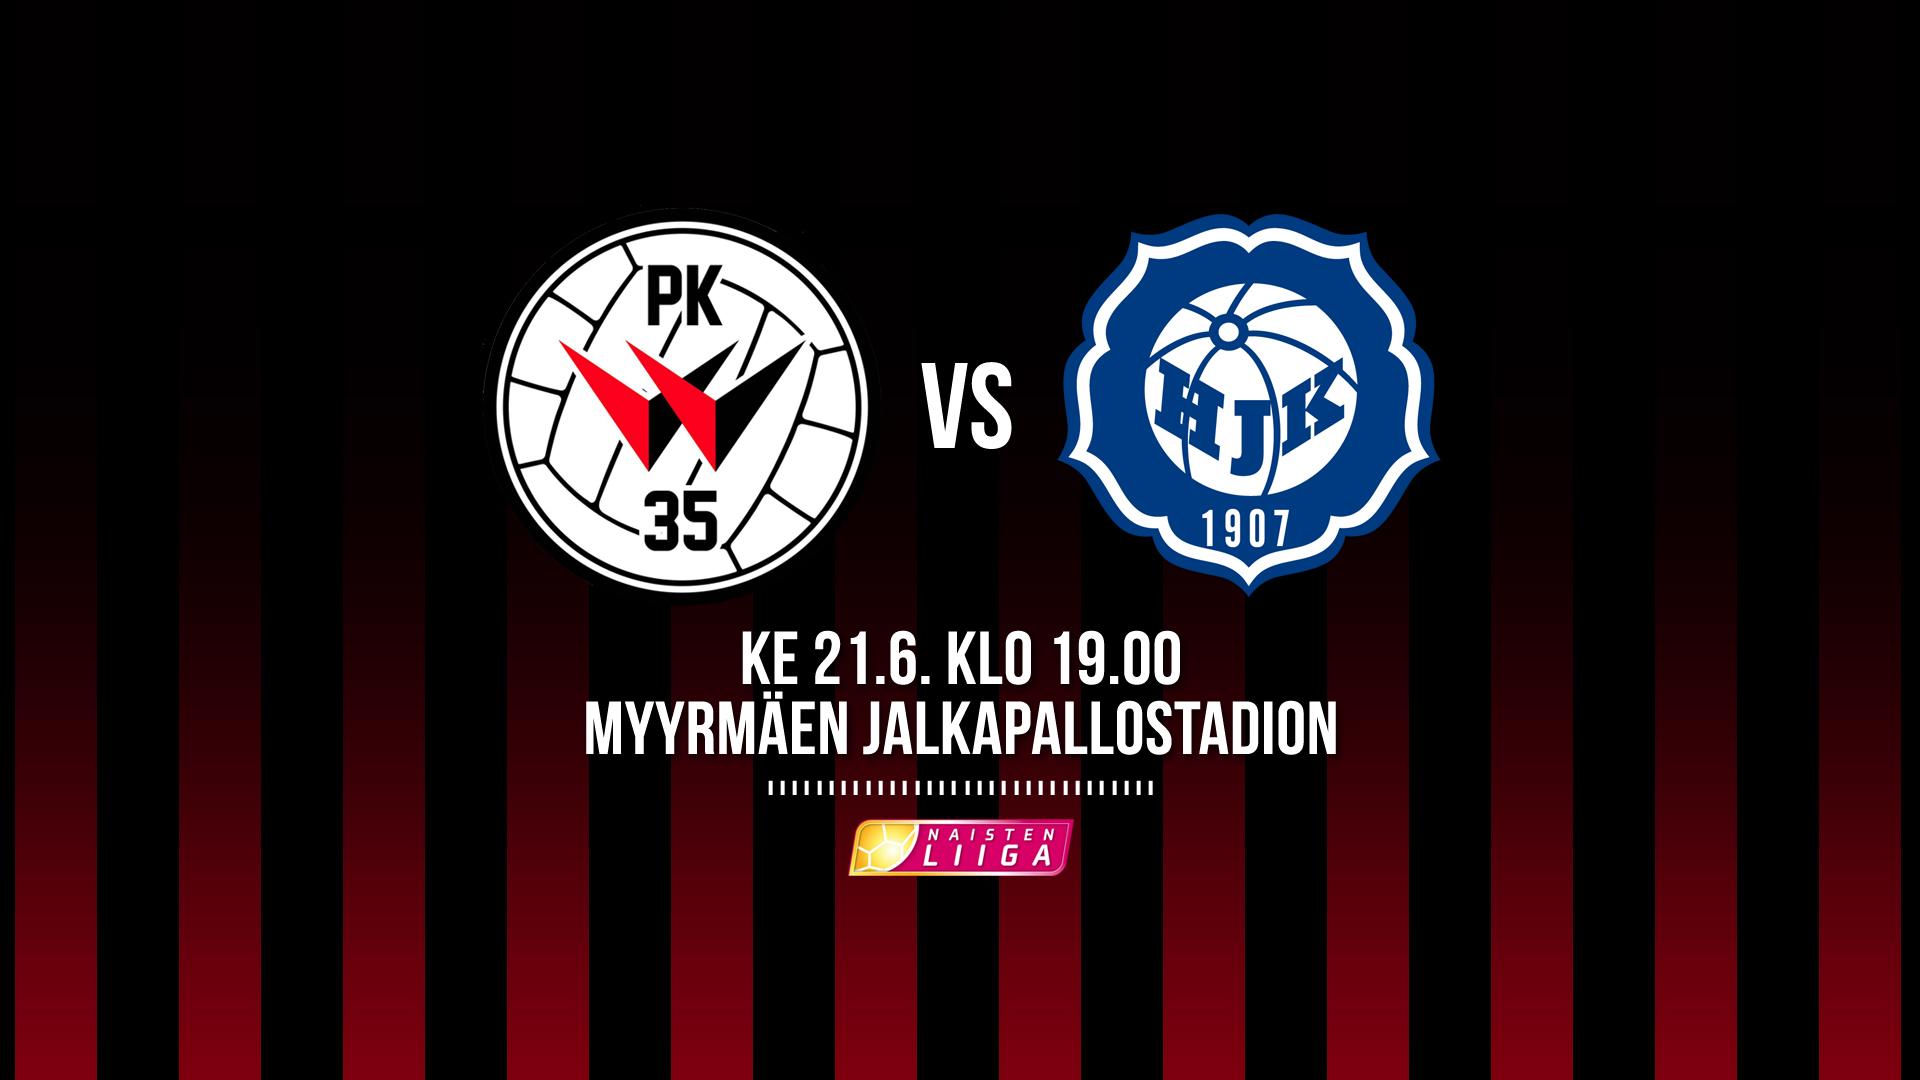 PK-35 Vantaa Saa Paikallisottelussa Vieraakseen HJK:n